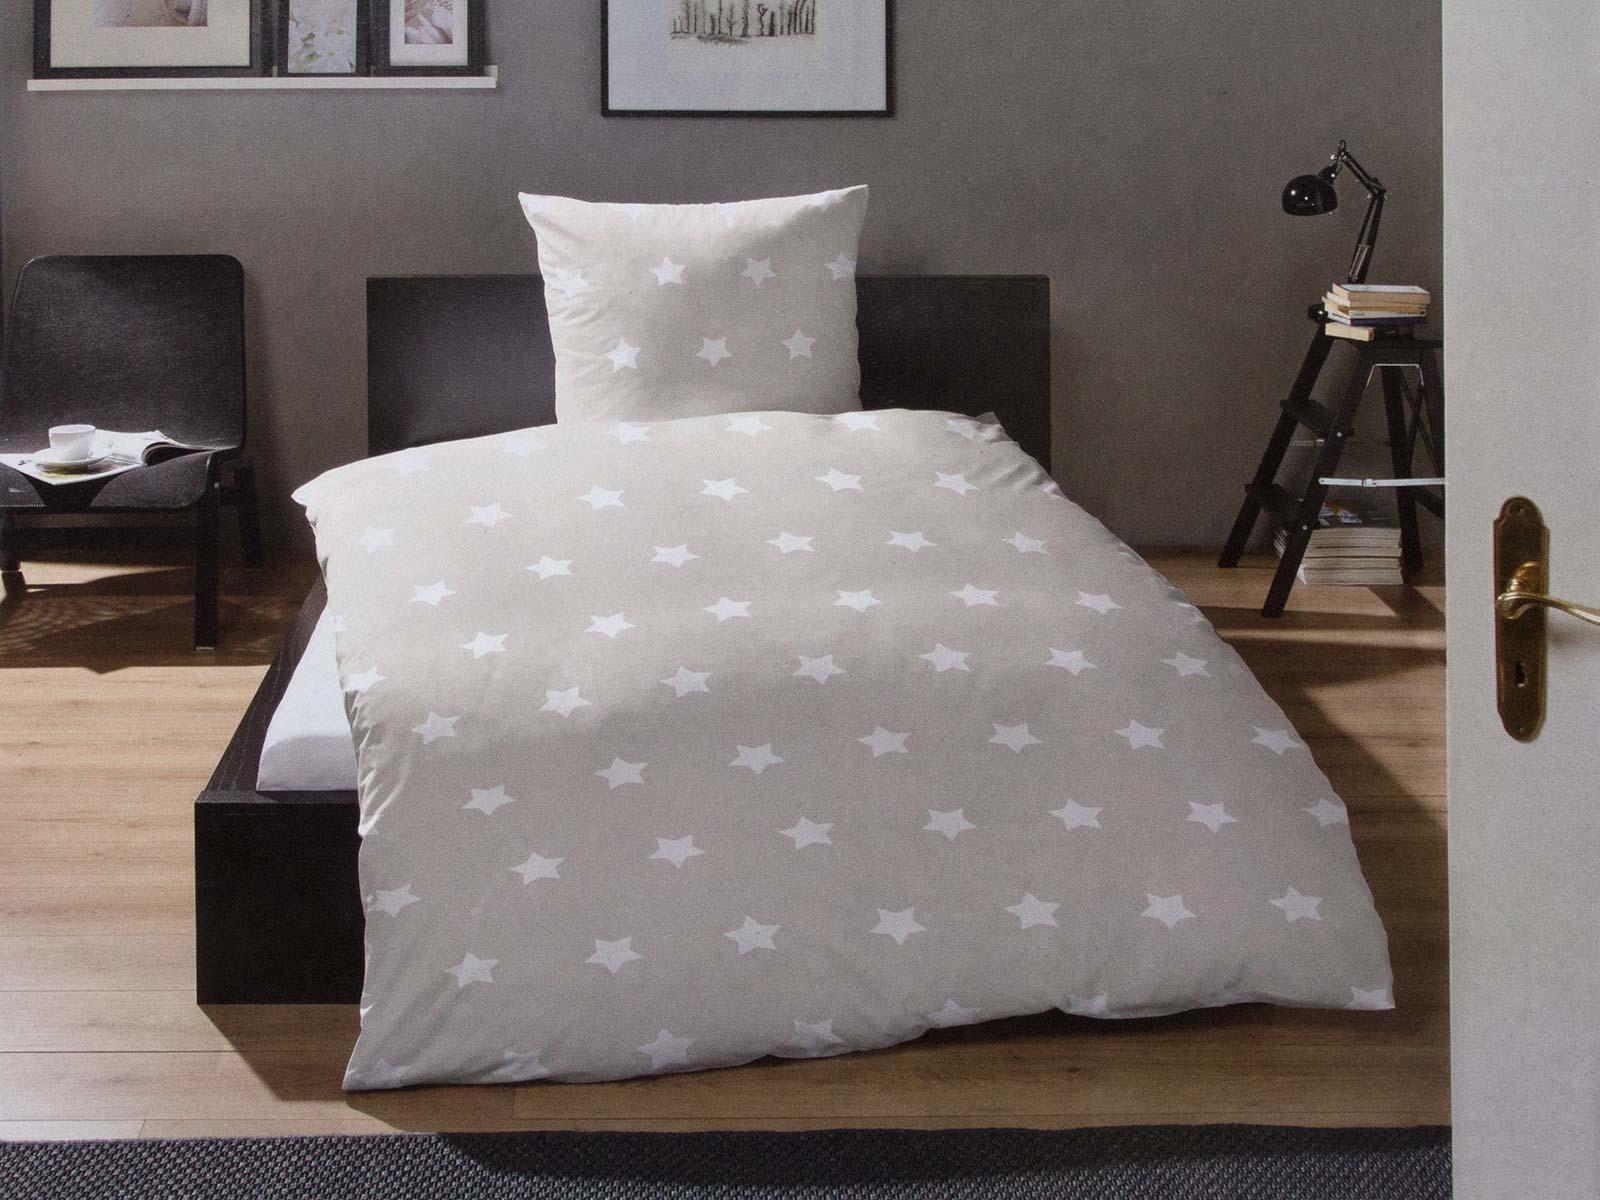 bettw sche winter 135x200 155x220 2 tlg sterne warme baumwolle fein biber grau ebay. Black Bedroom Furniture Sets. Home Design Ideas